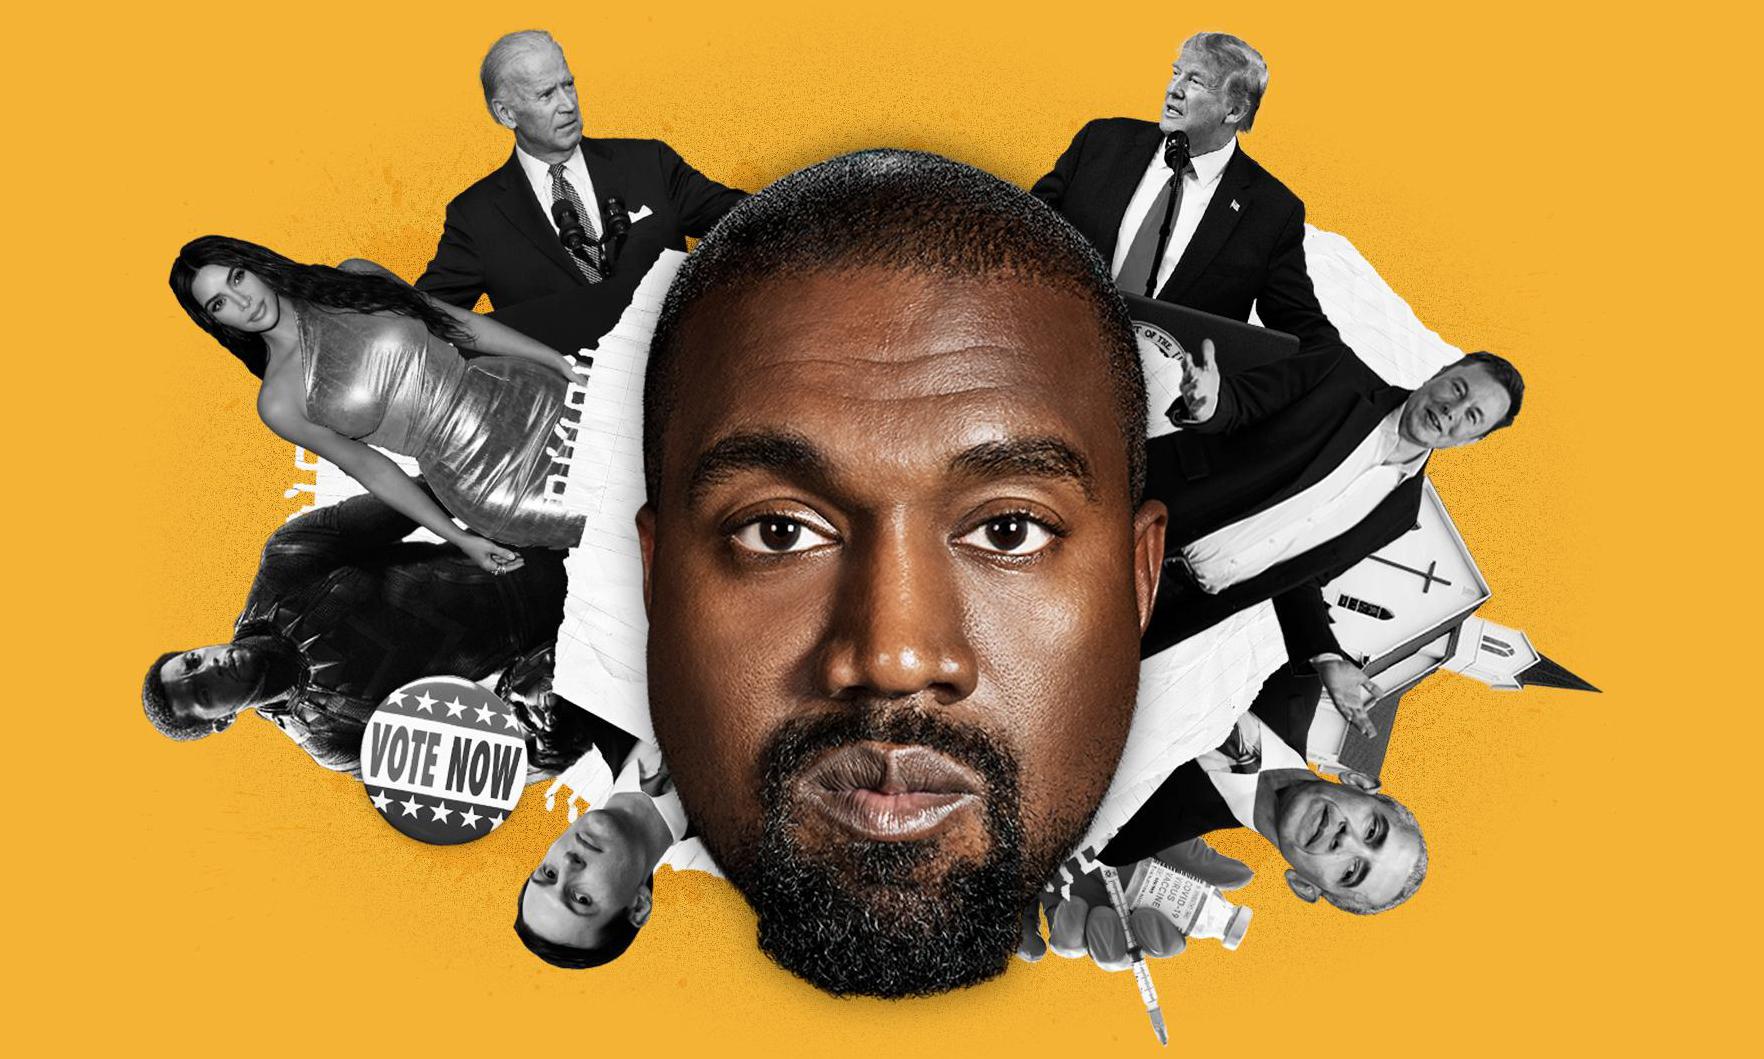 对于竞选总统这件事,Kanye West 是认真的